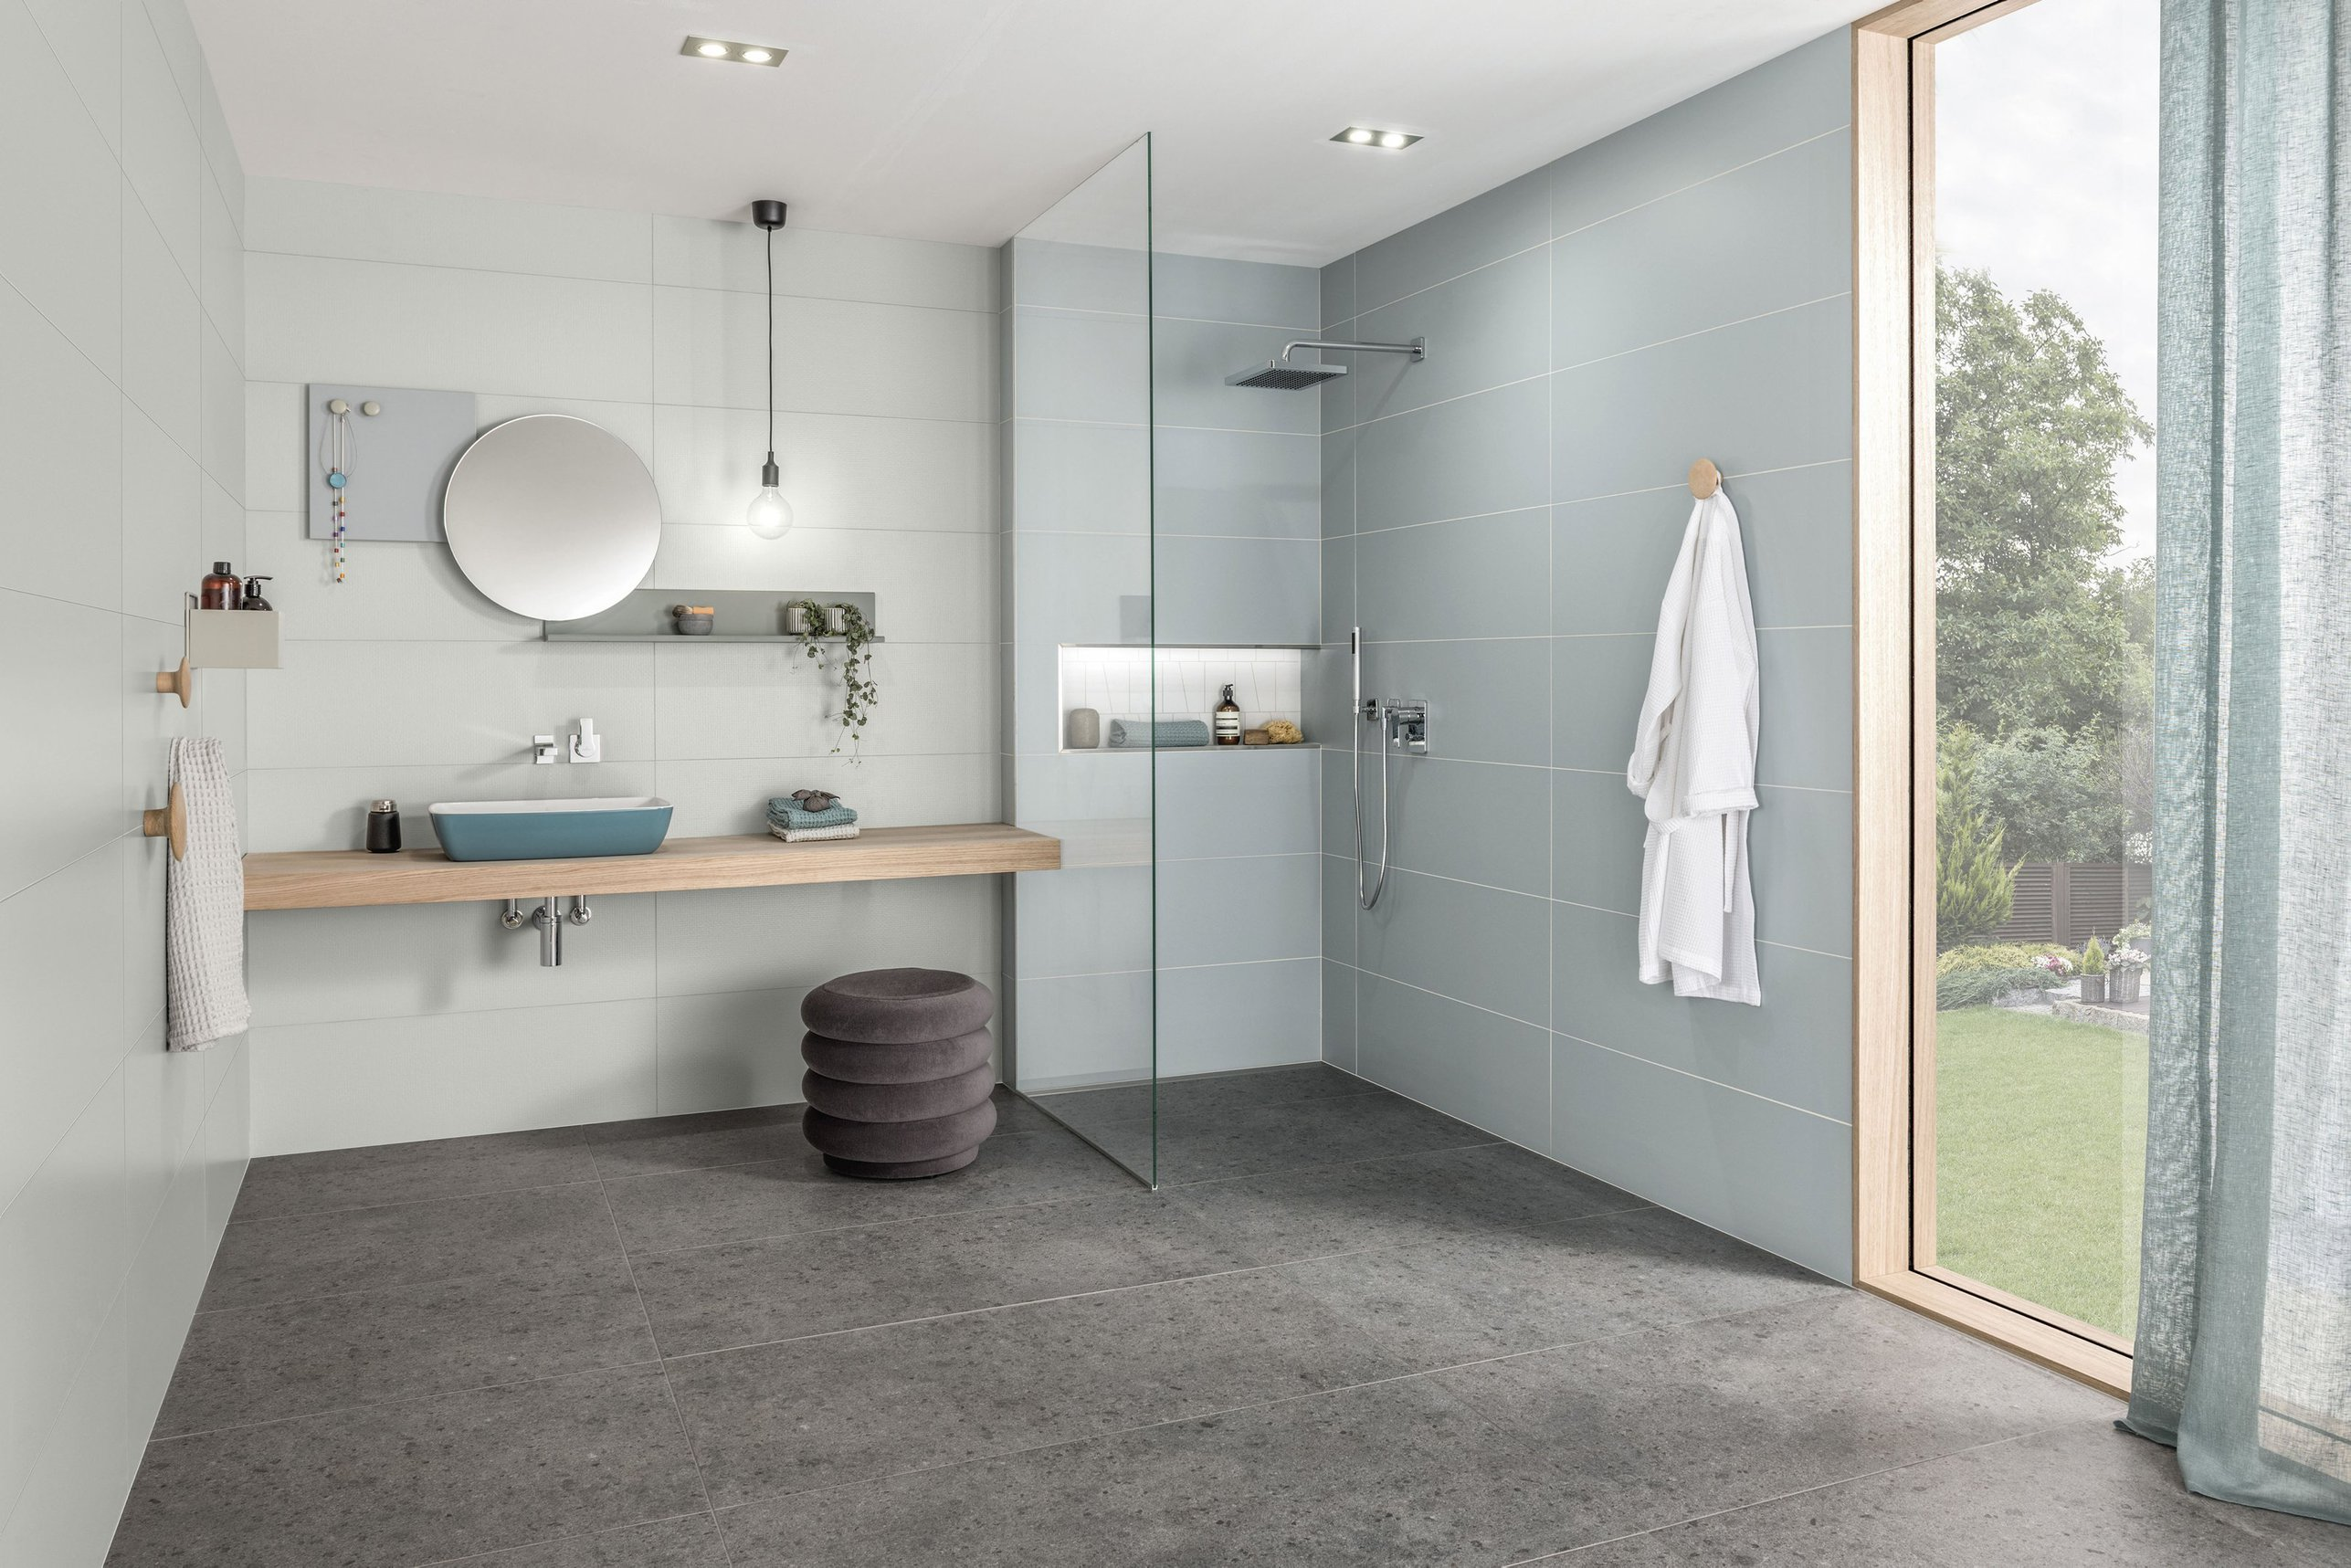 Mit einer guten Vorplanung lassen sich bodenebene Duschbereiche so gestalten, dass spätere Anpassungen bis hin zur rollstuhlgerechten Dusche mit minimalem Aufwand möglich sind. FOTO: DJD